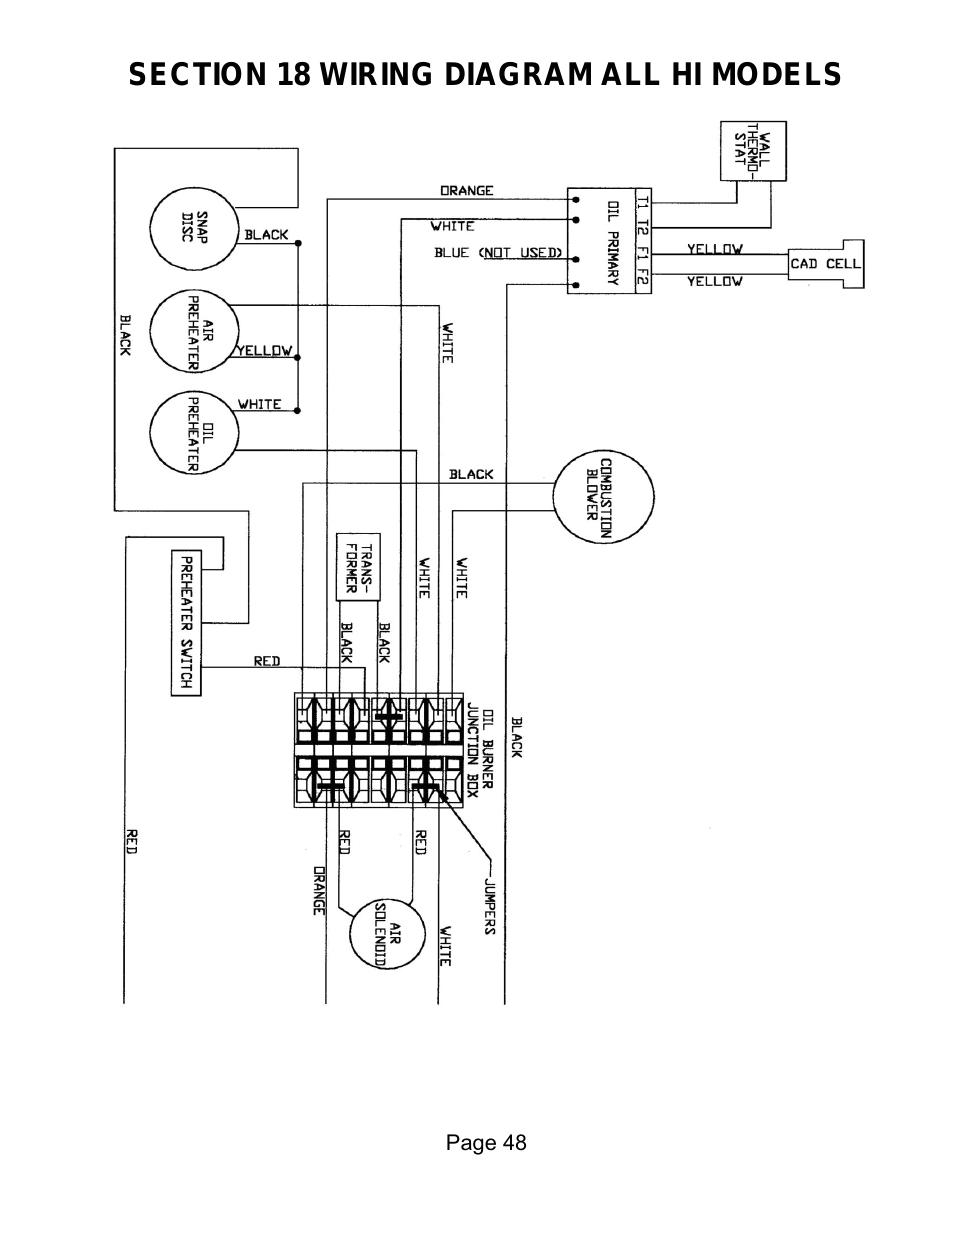 Lanair Waste Oil Heater Wiring Diagram Lanair Waste Oil Wiring Diagram Wiring Library